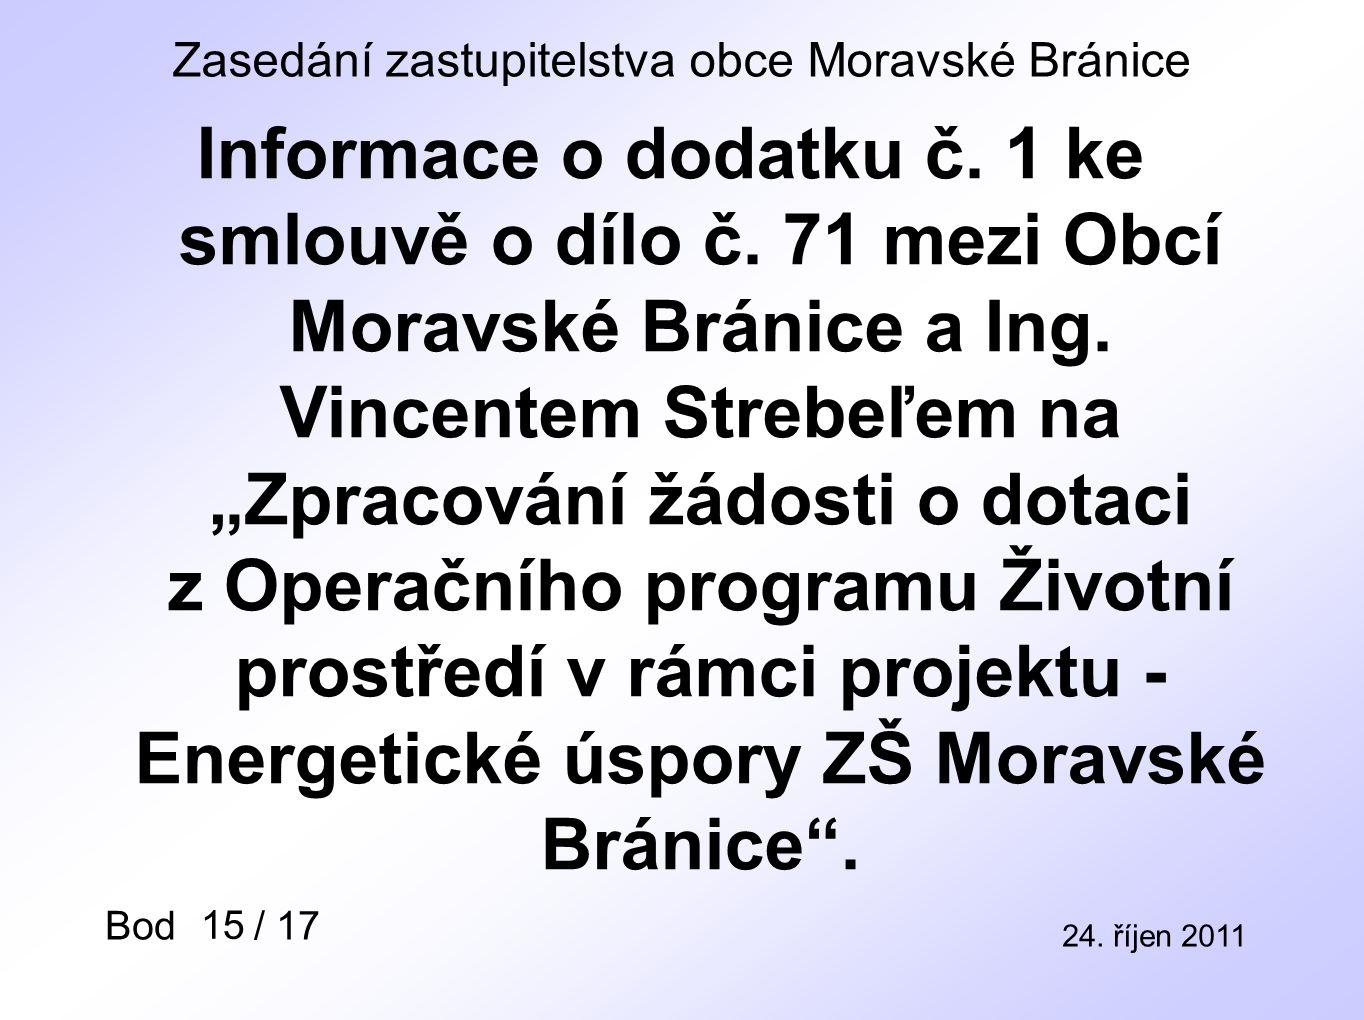 Zasedání zastupitelstva obce Moravské Bránice 24. říjen 2011 Bod / 17 15 Informace o dodatku č.